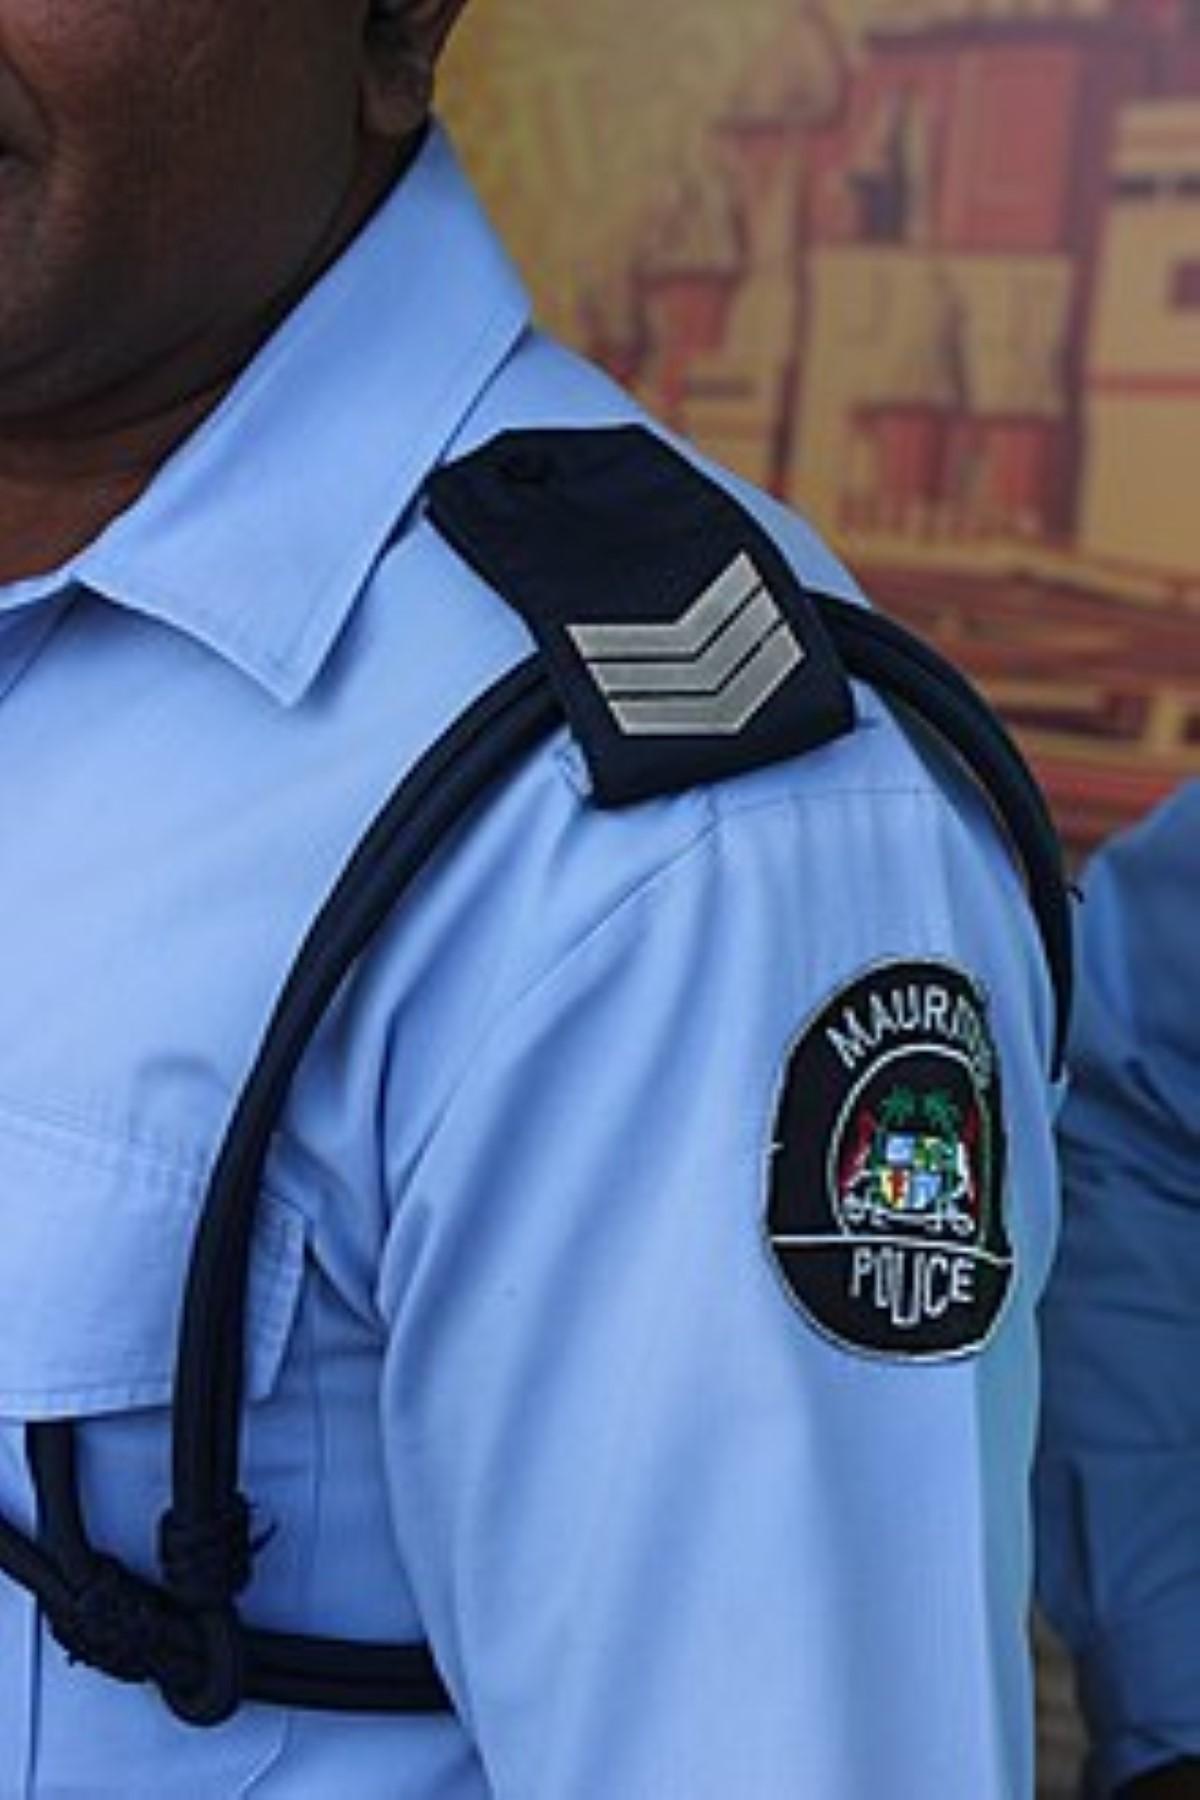 Un membre de l'orchestre de la police boit et prend le volant